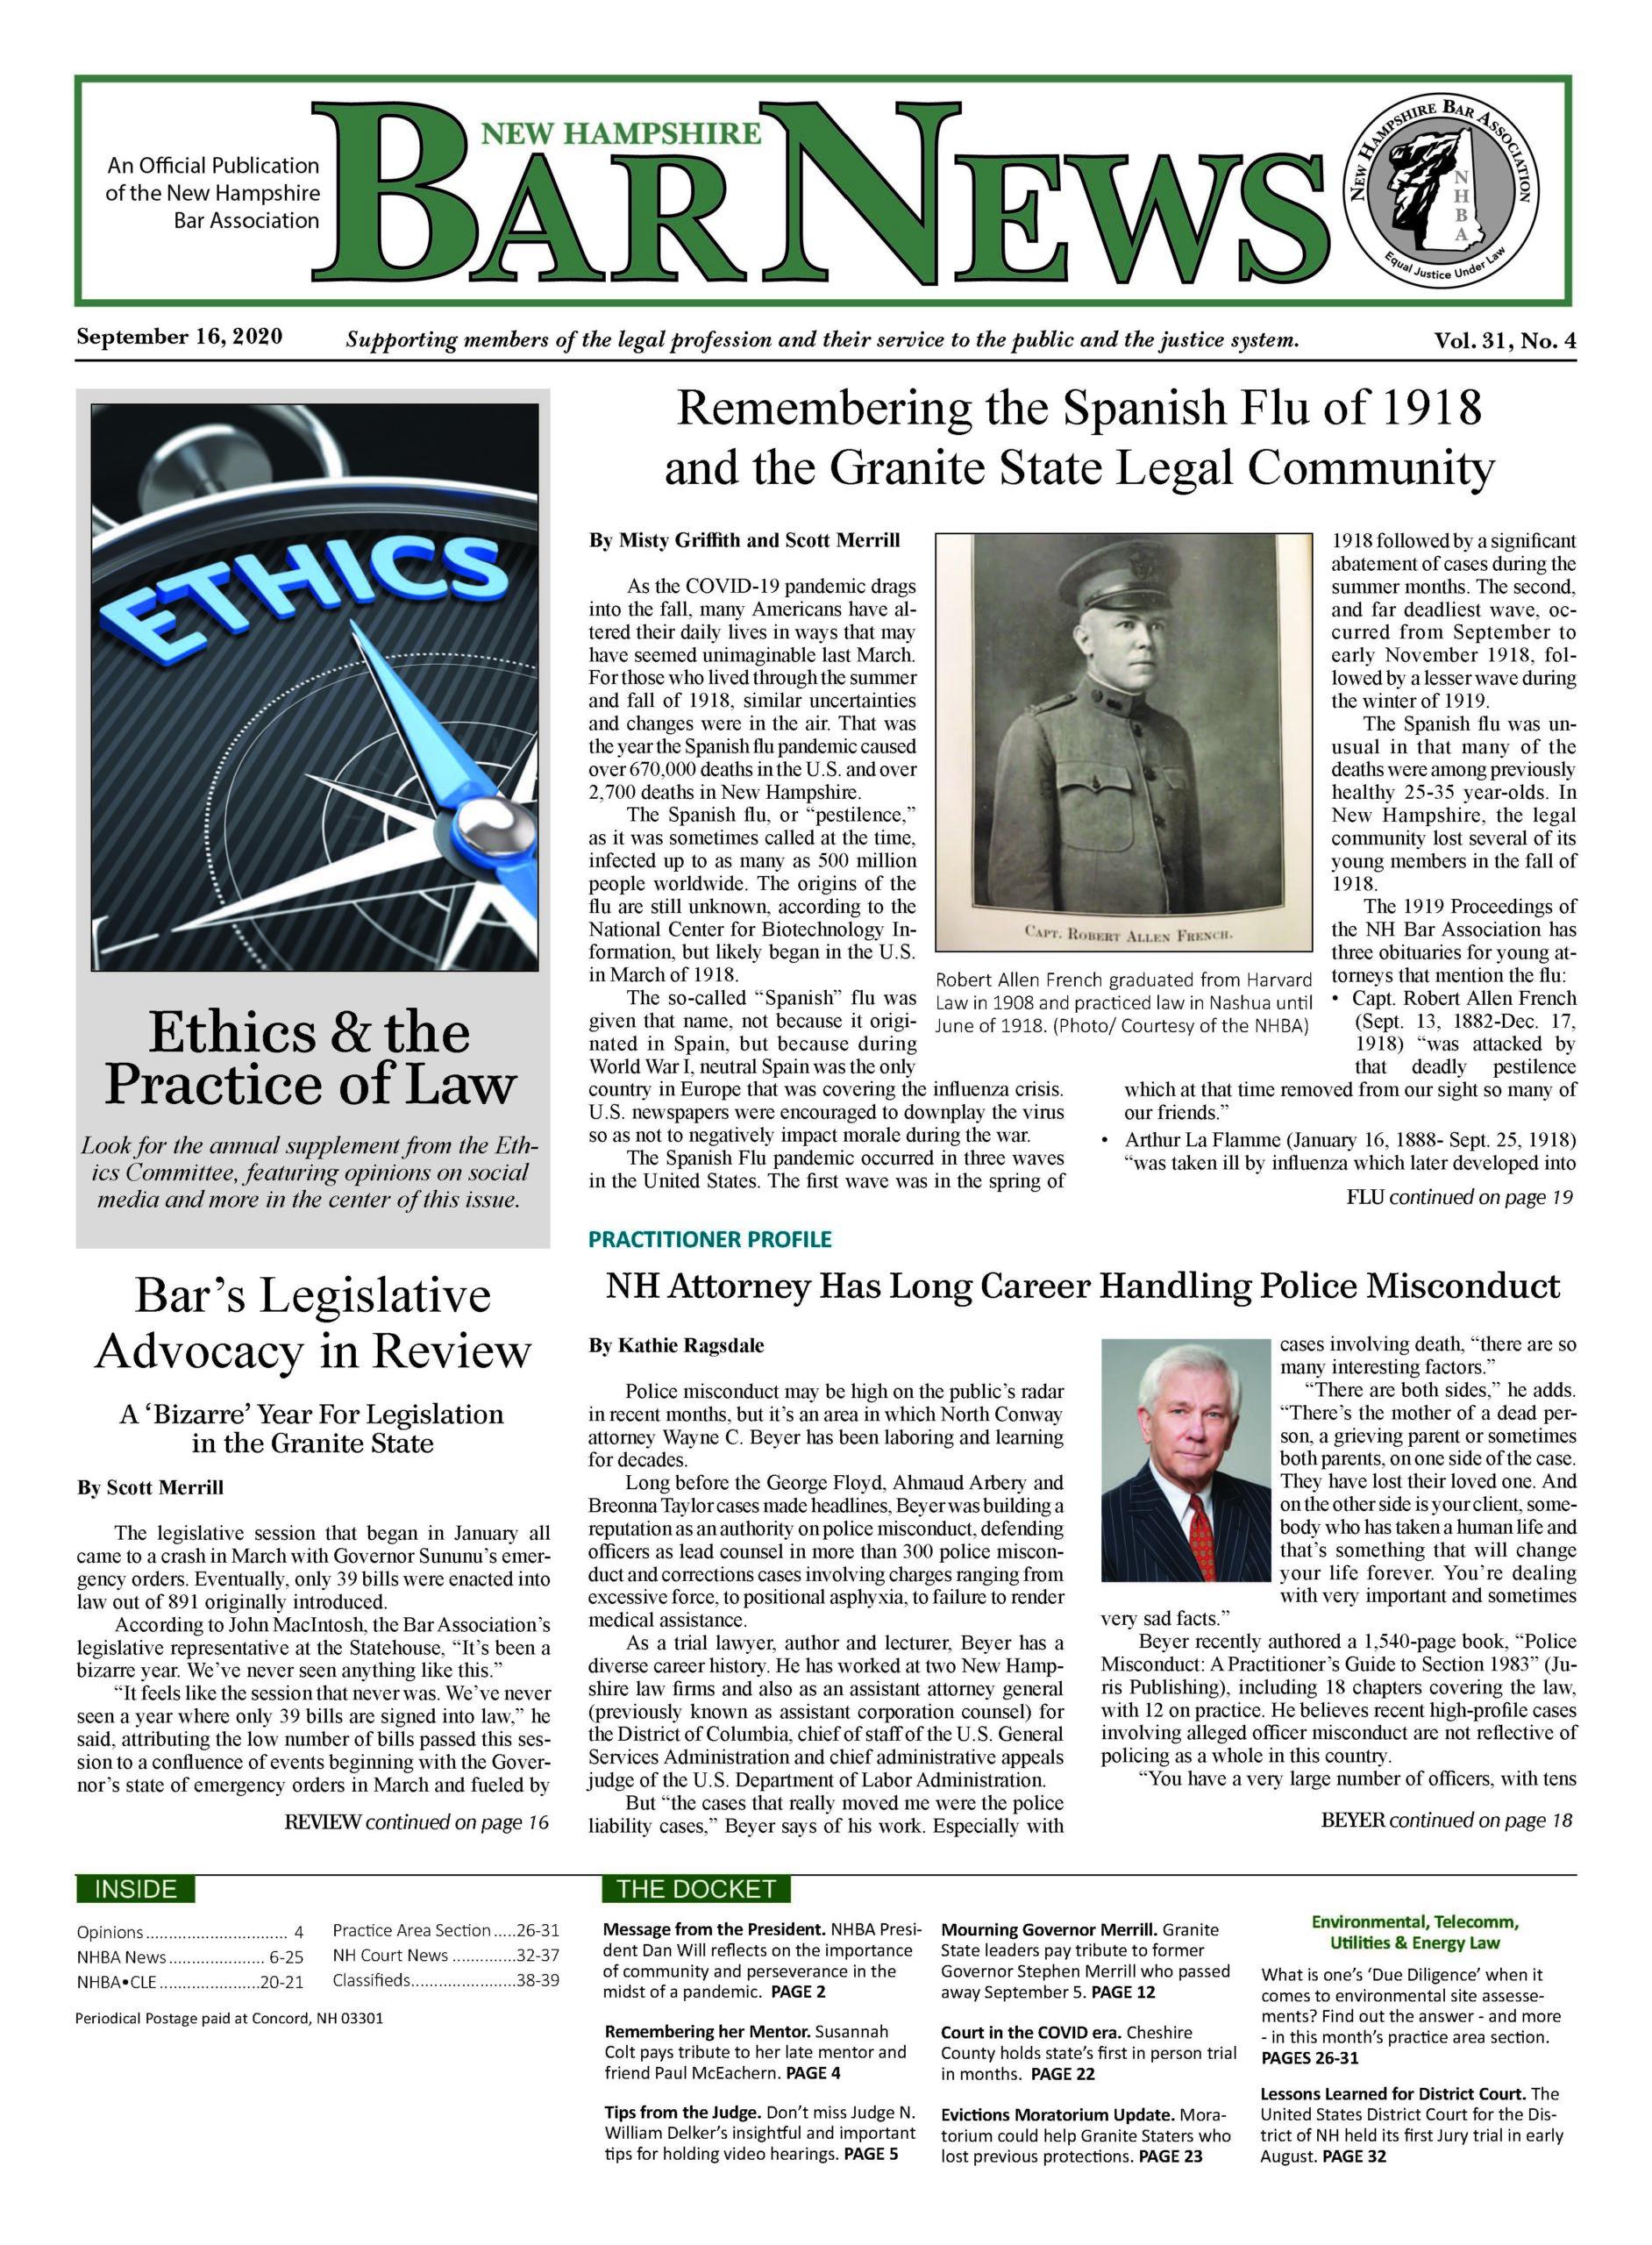 Bar News September 16, 2020